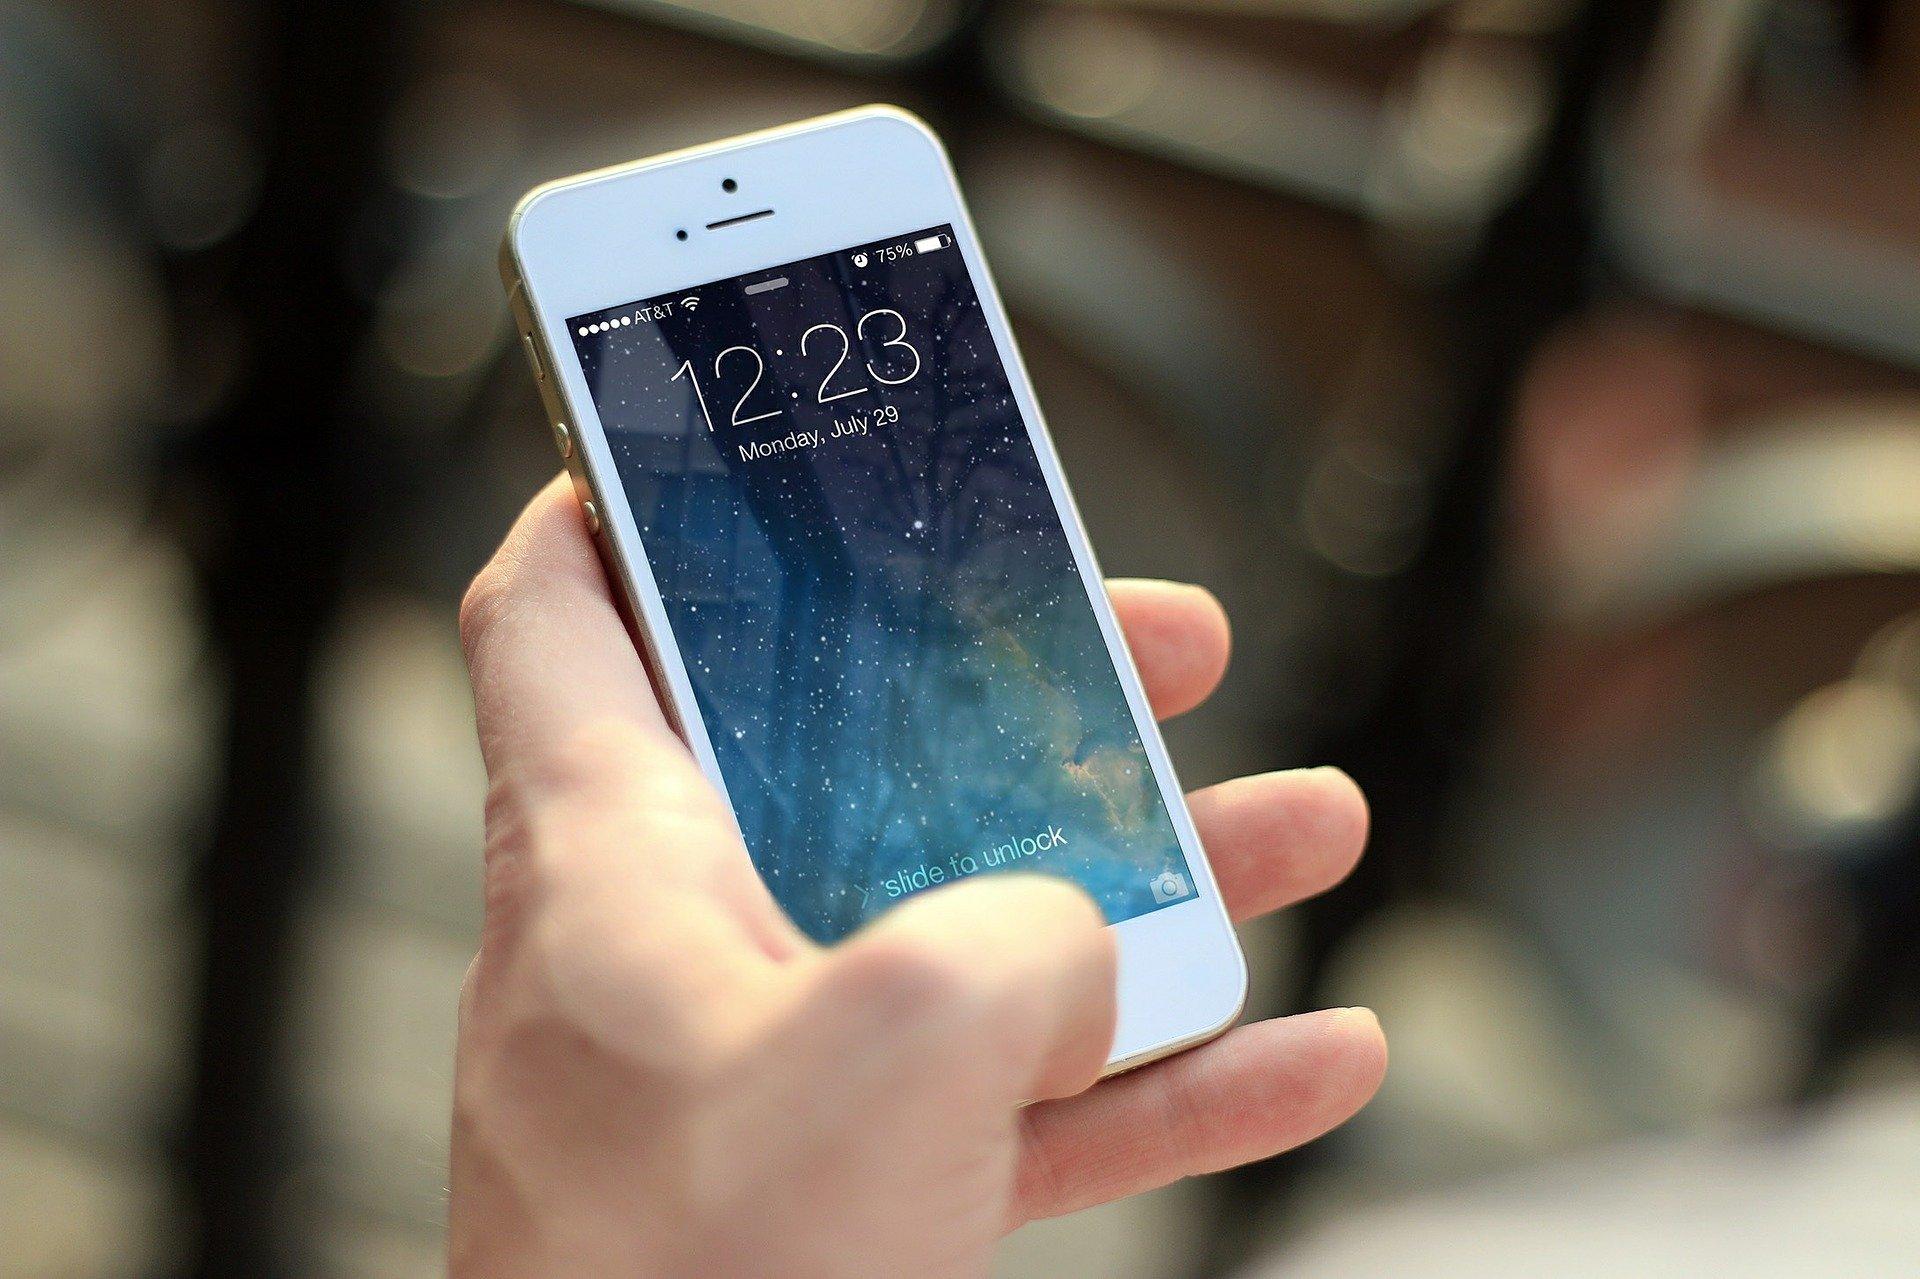 Les députés votent oui à la redevance copie privée pour les smartphones reconditionnés